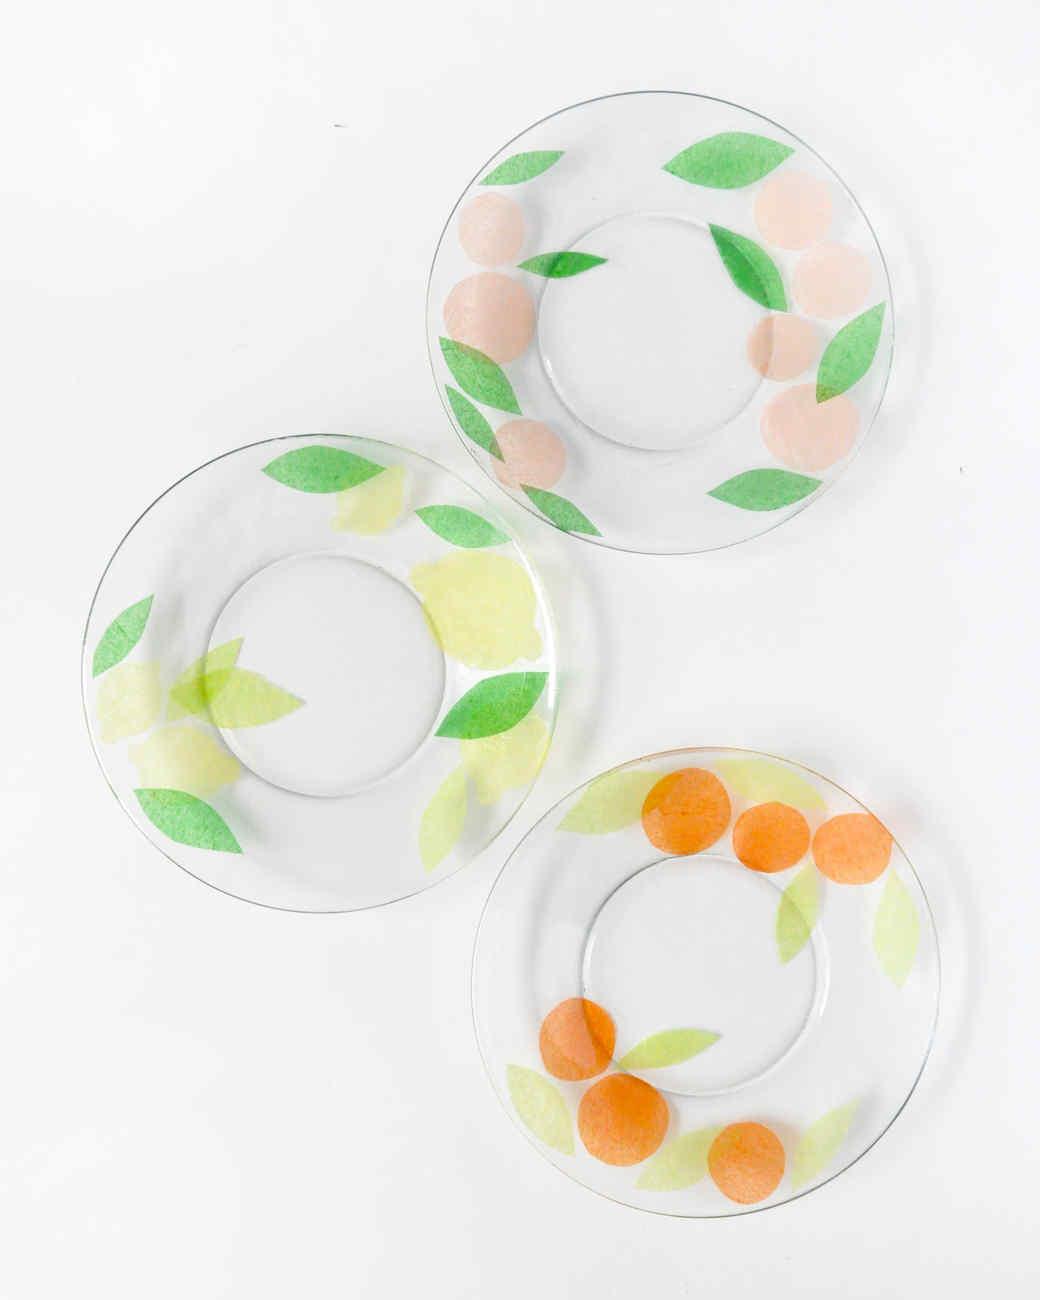 finished decoupaged fruit plates